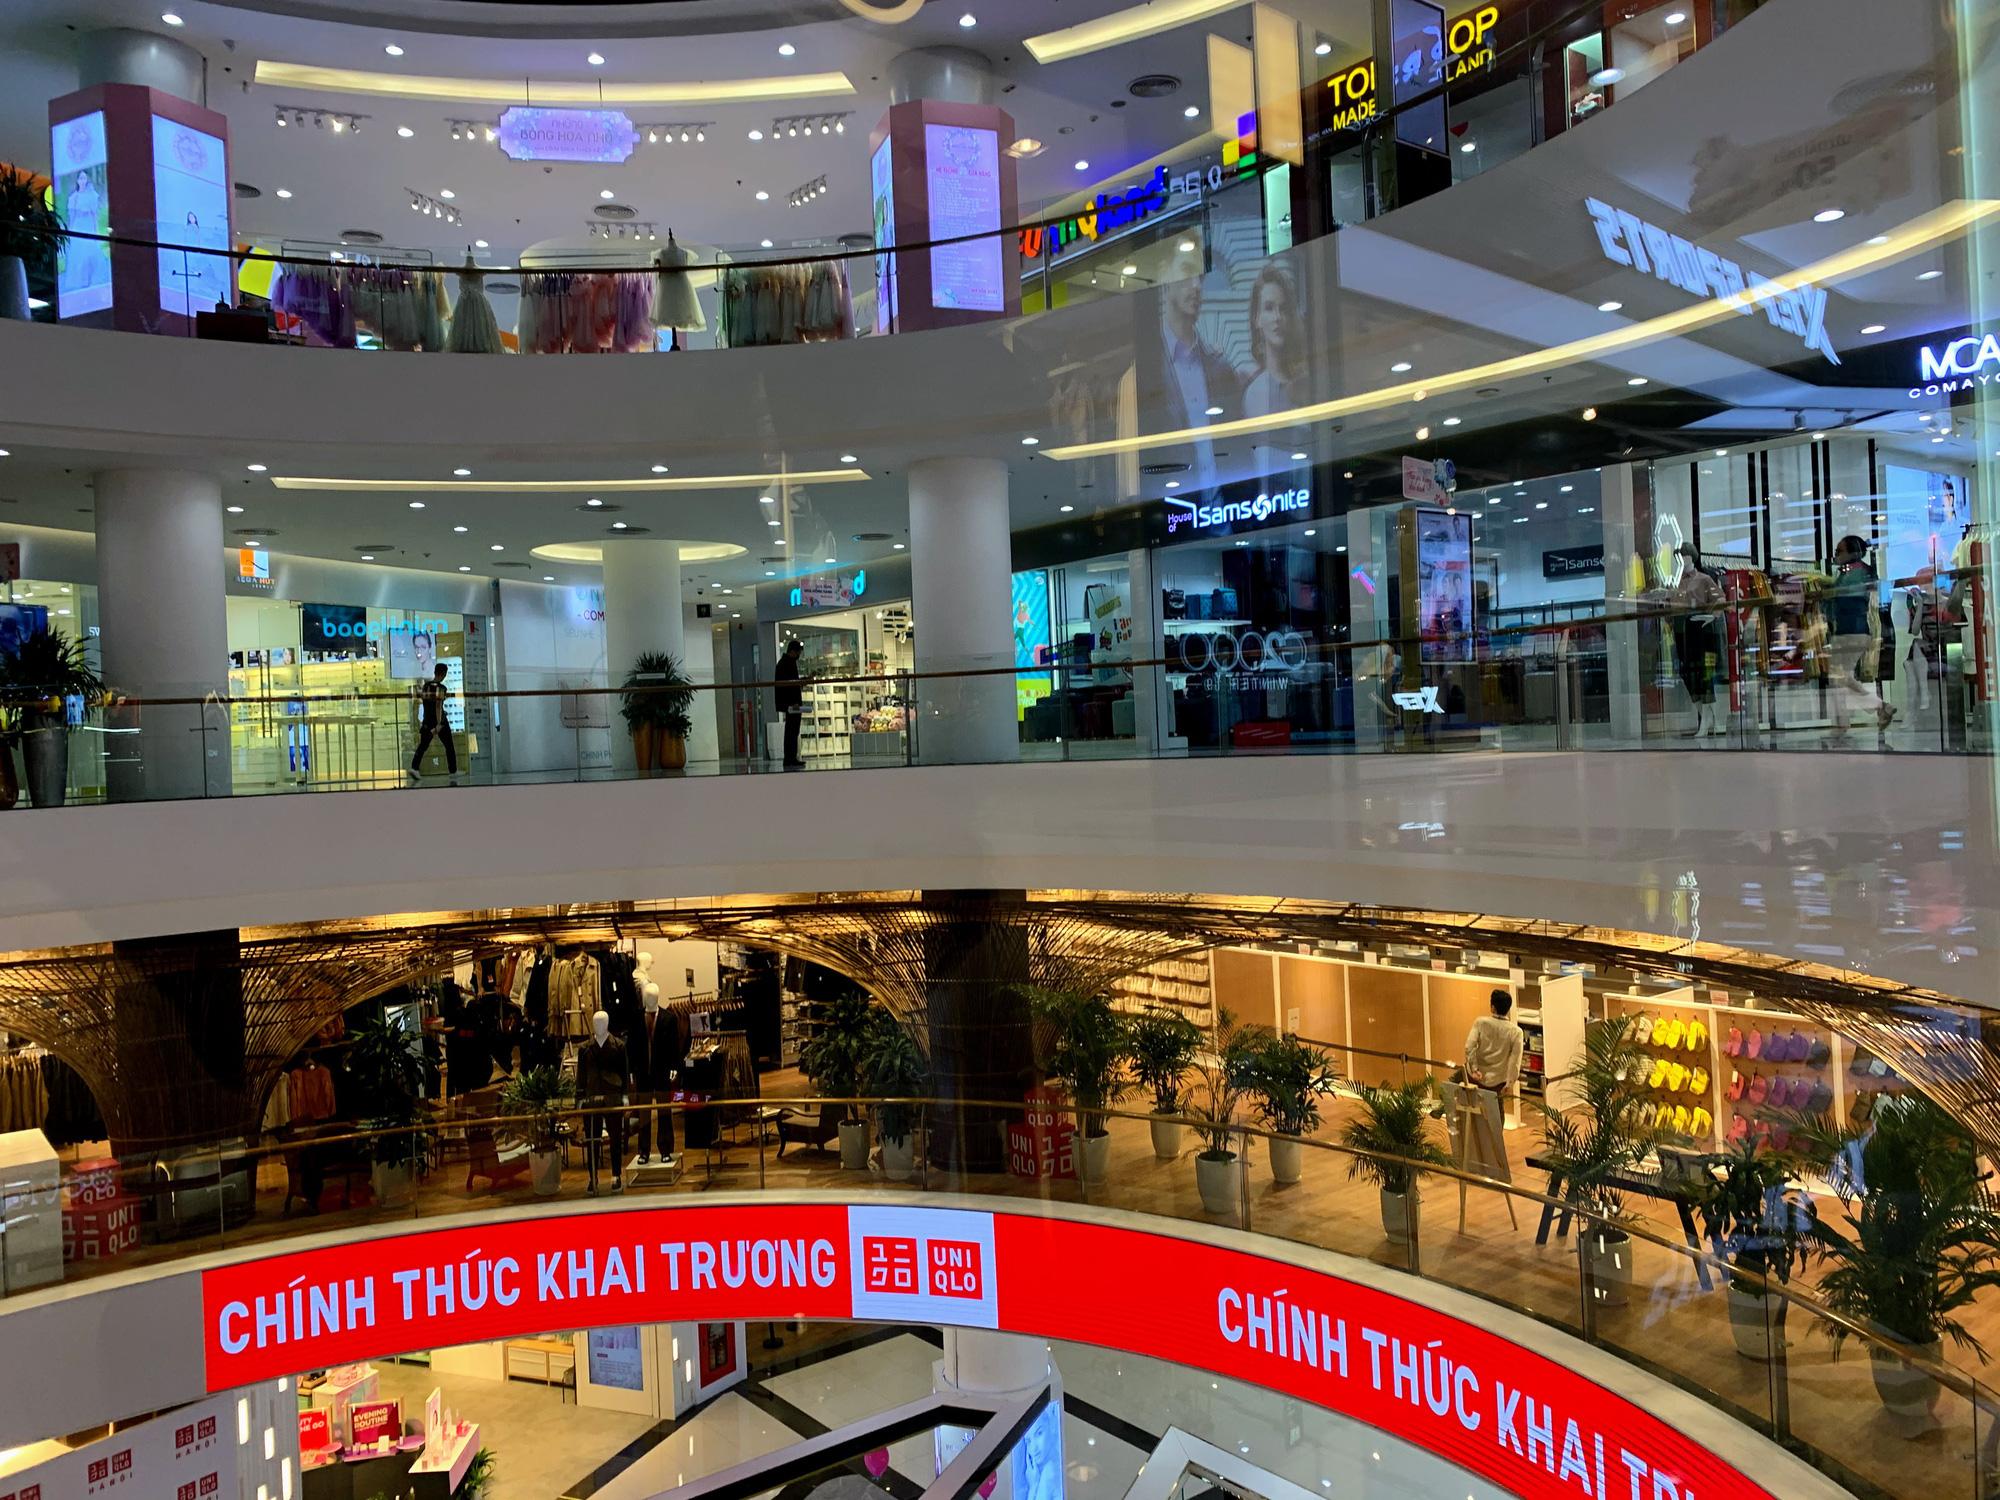 Bên trong cửa hàng Uniqlo lớn nhất Đông Nam Á ở Hà Nội có gì? - Ảnh 7.